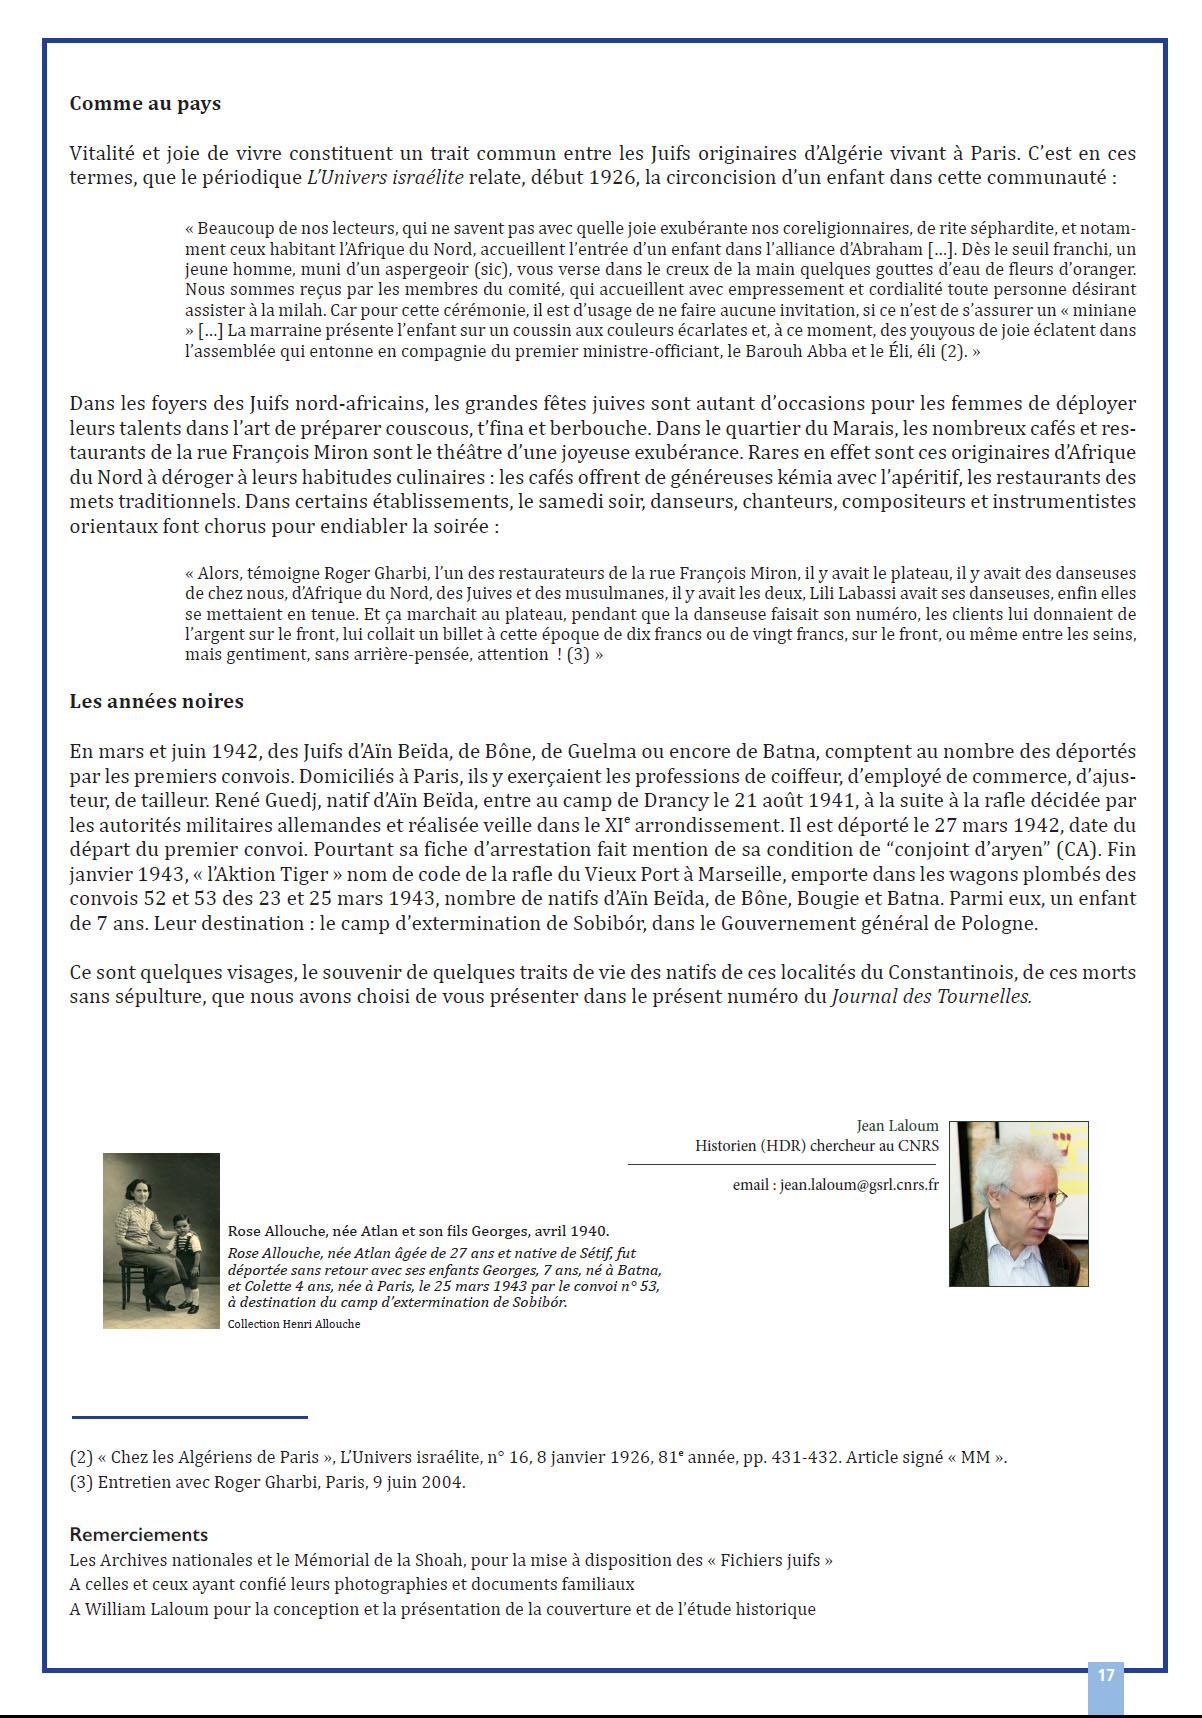 Jean laloum 2 page 3